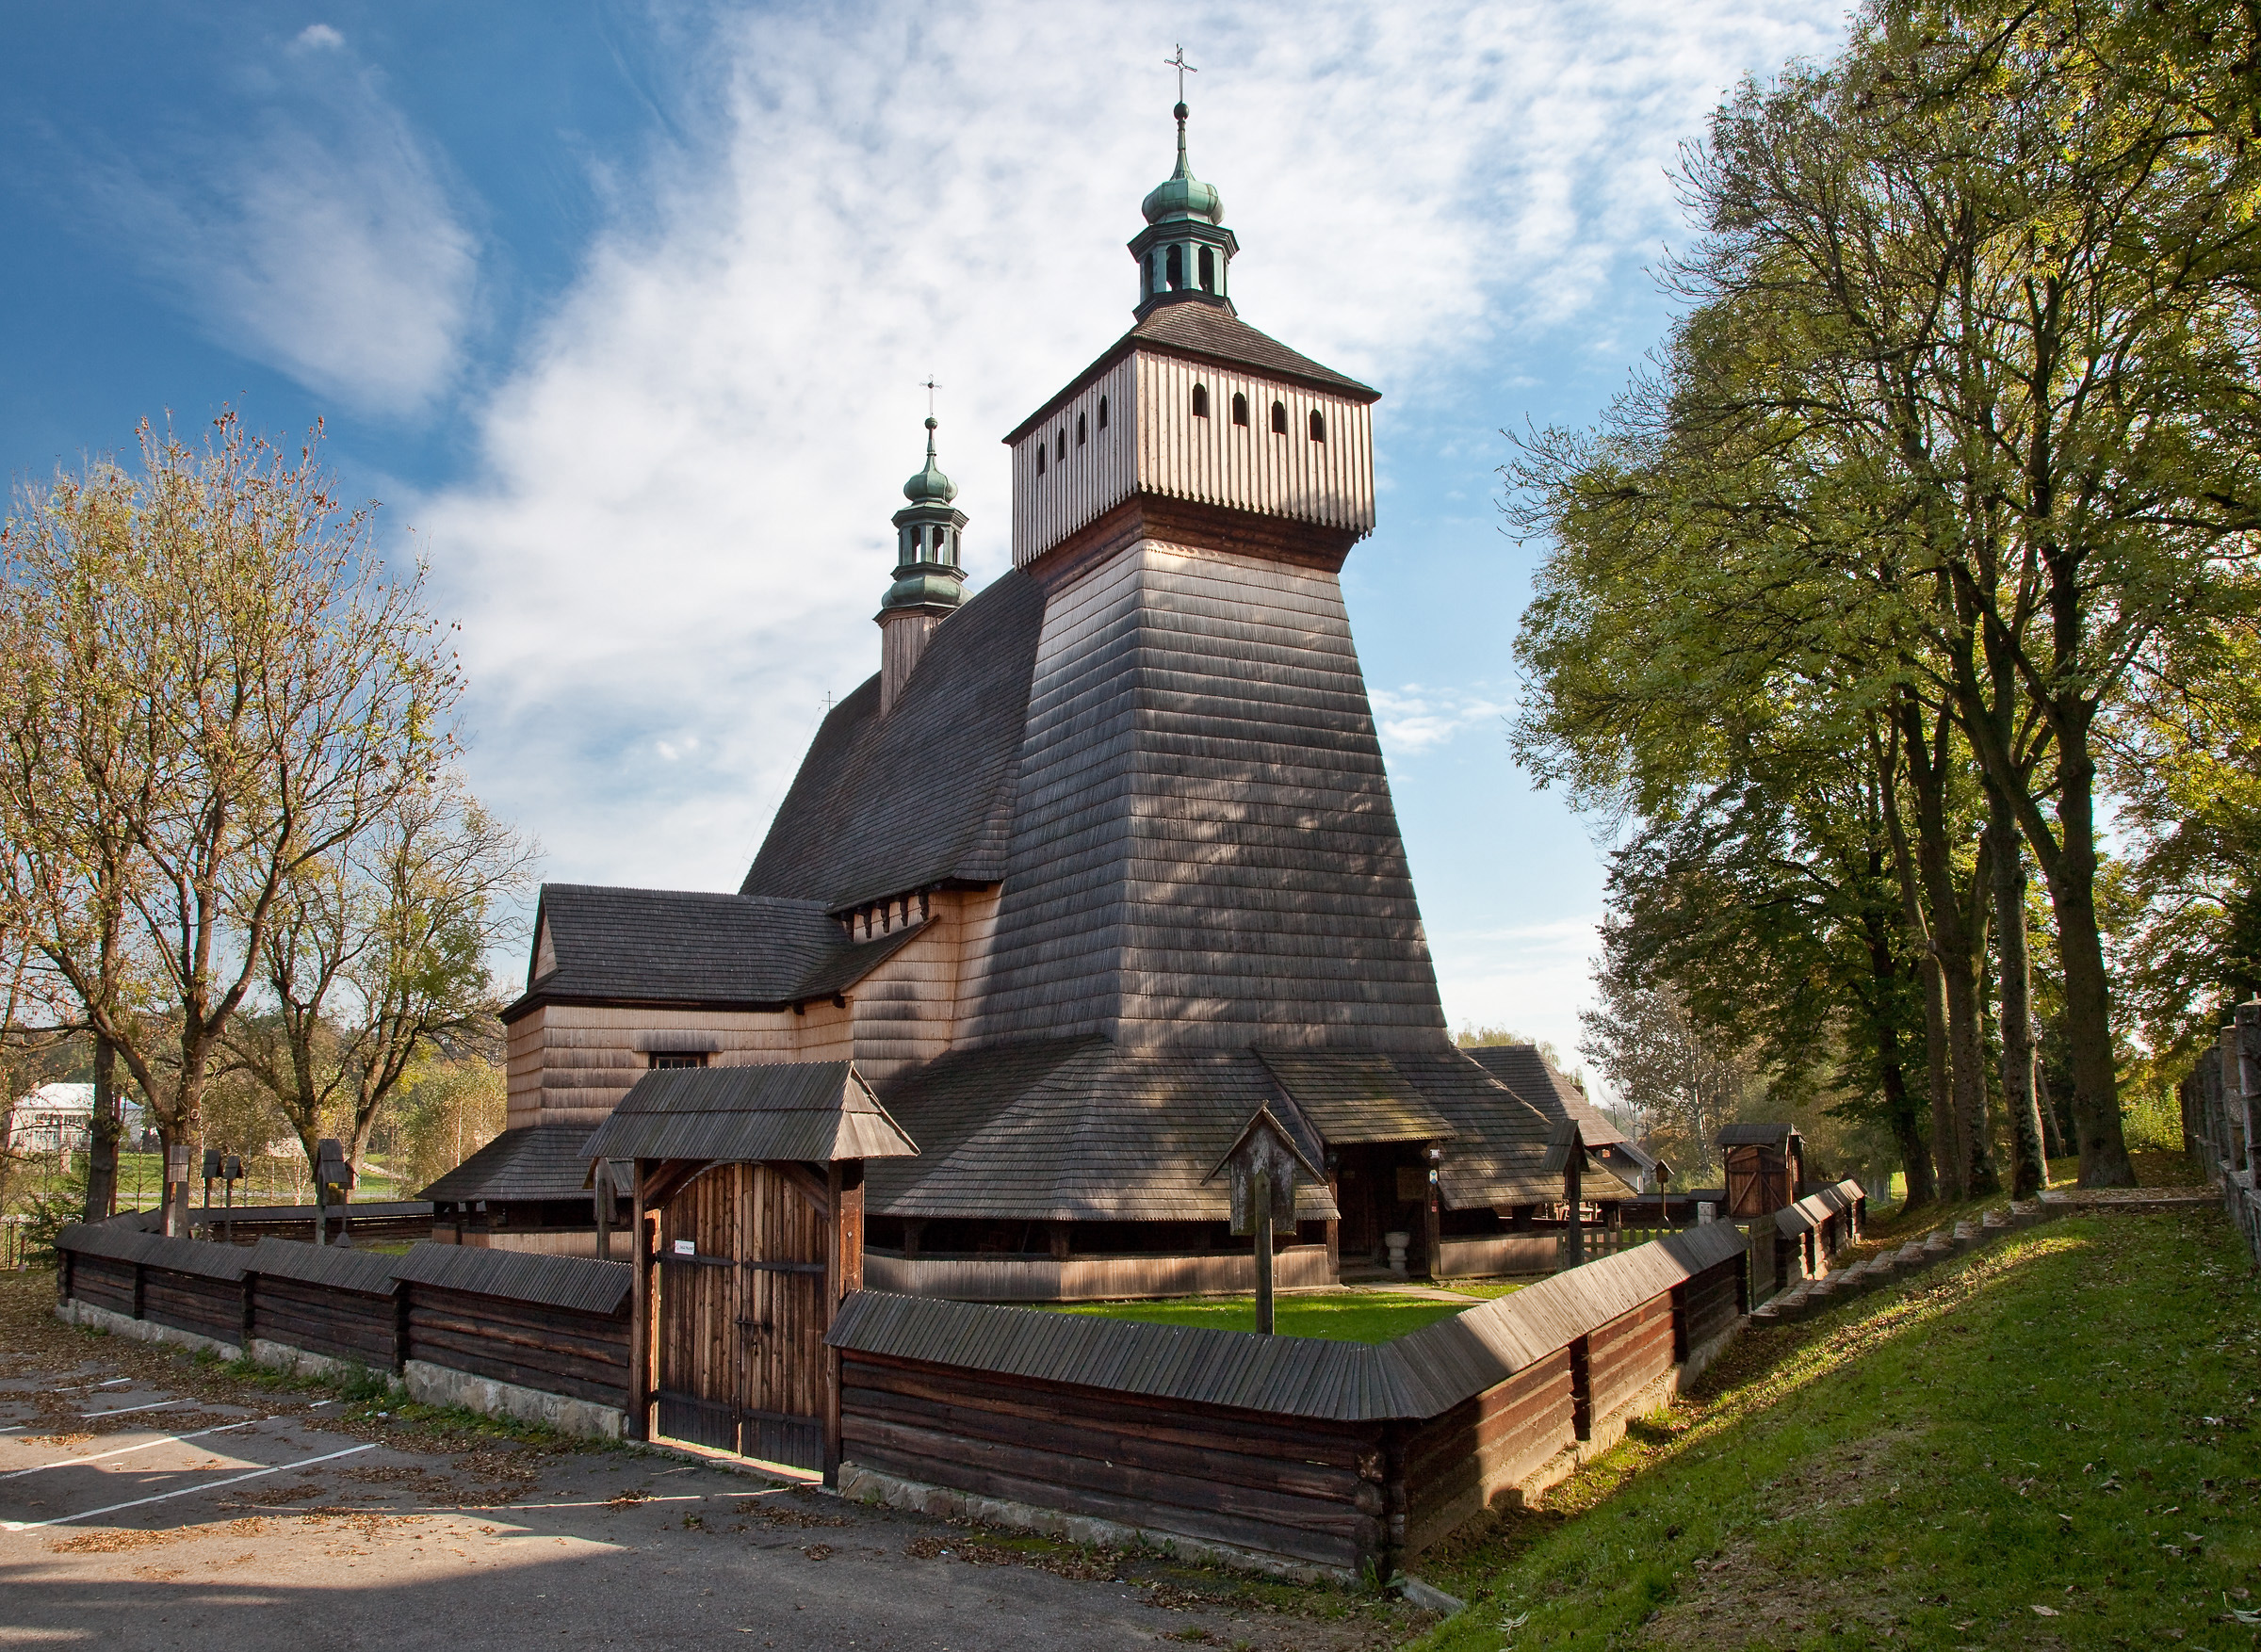 Gotycki drewniany kościół pw. Wniebowzięcia NMP i św. Michała Archanioła w Haczowie. fot. Krzysztof Zajączkowski